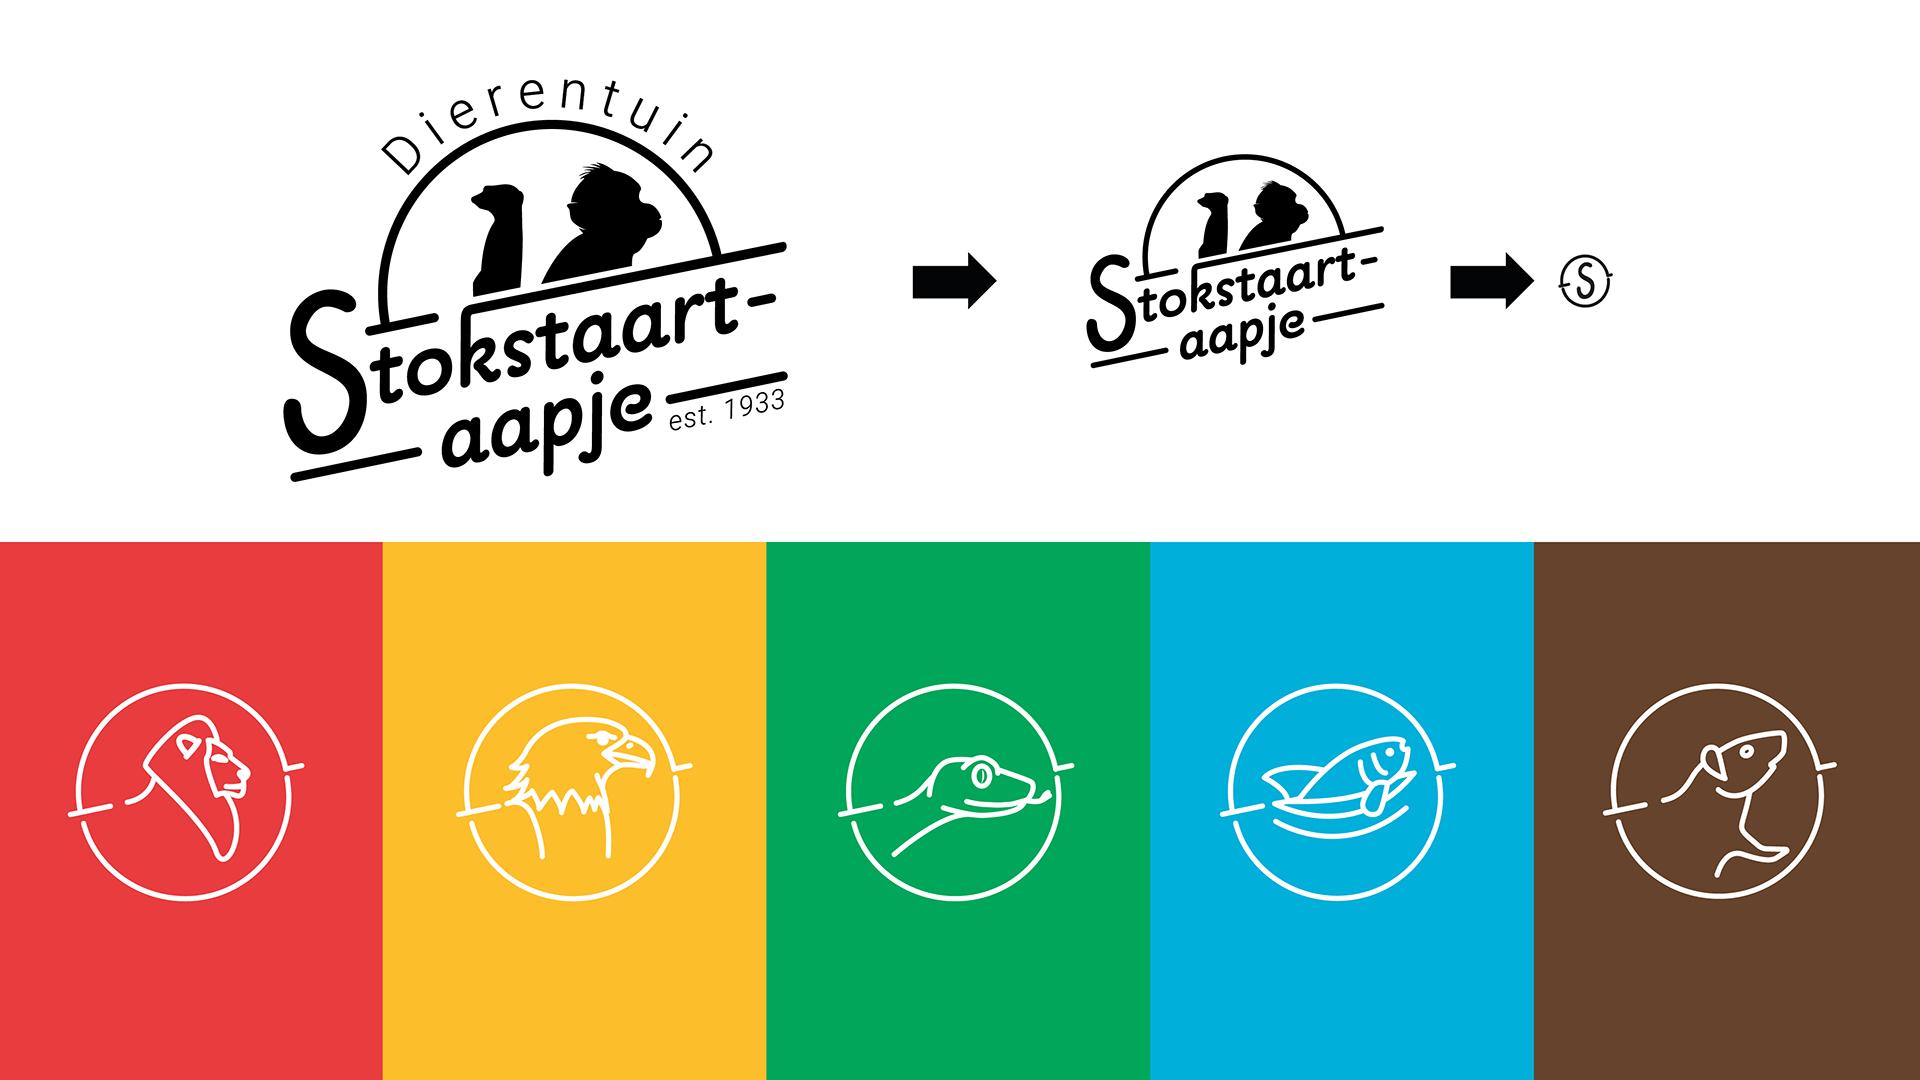 Logo Dierentuin het Stokstaartaapje